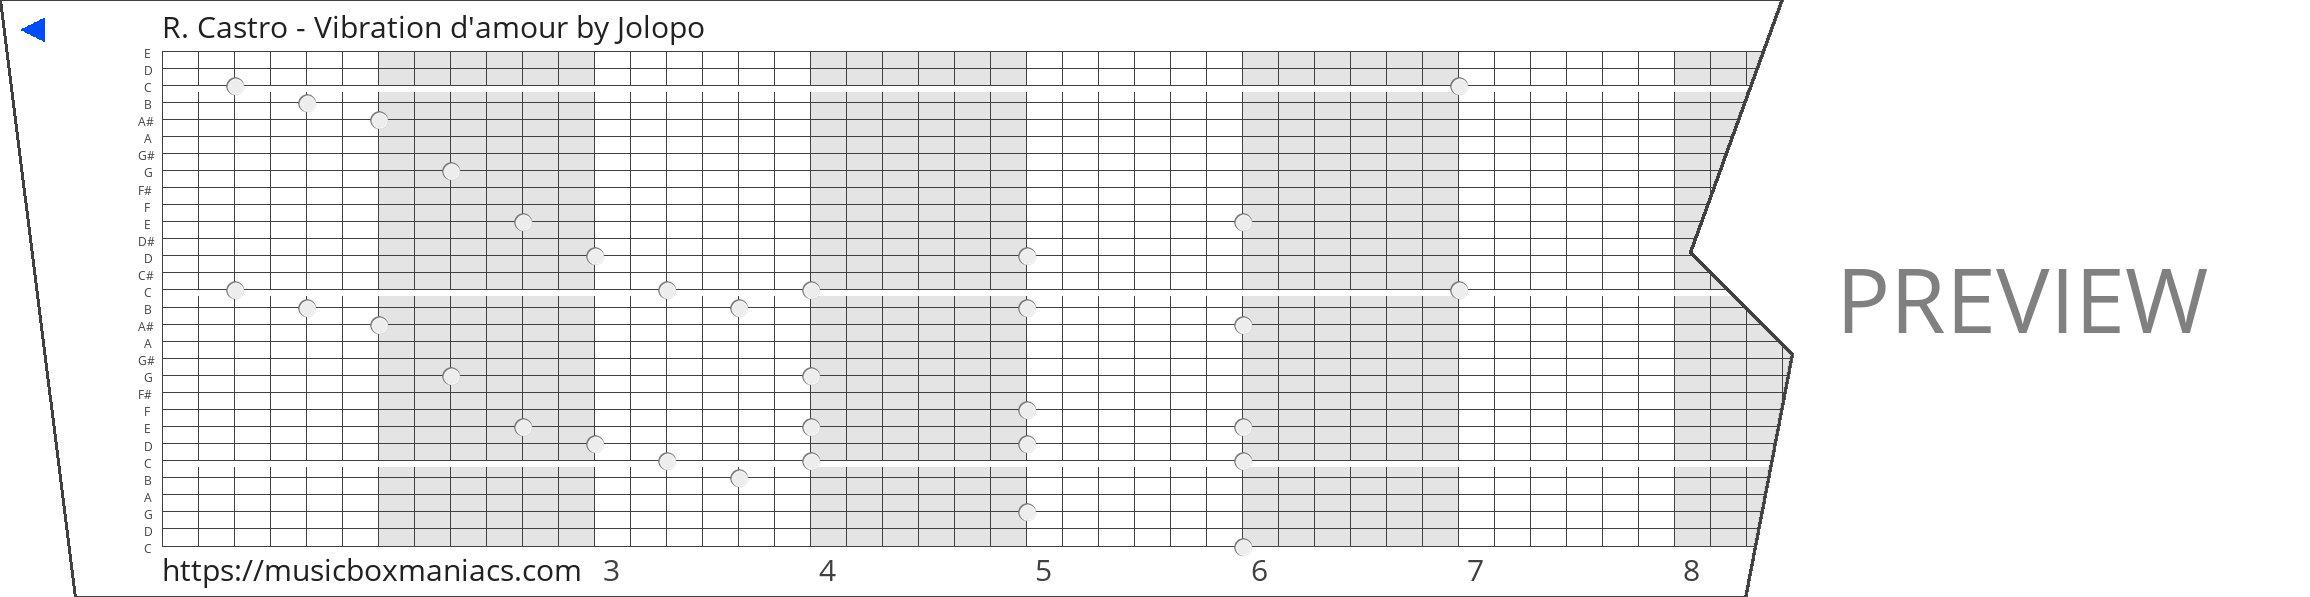 R. Castro - Vibration d'amour 30 note music box paper strip